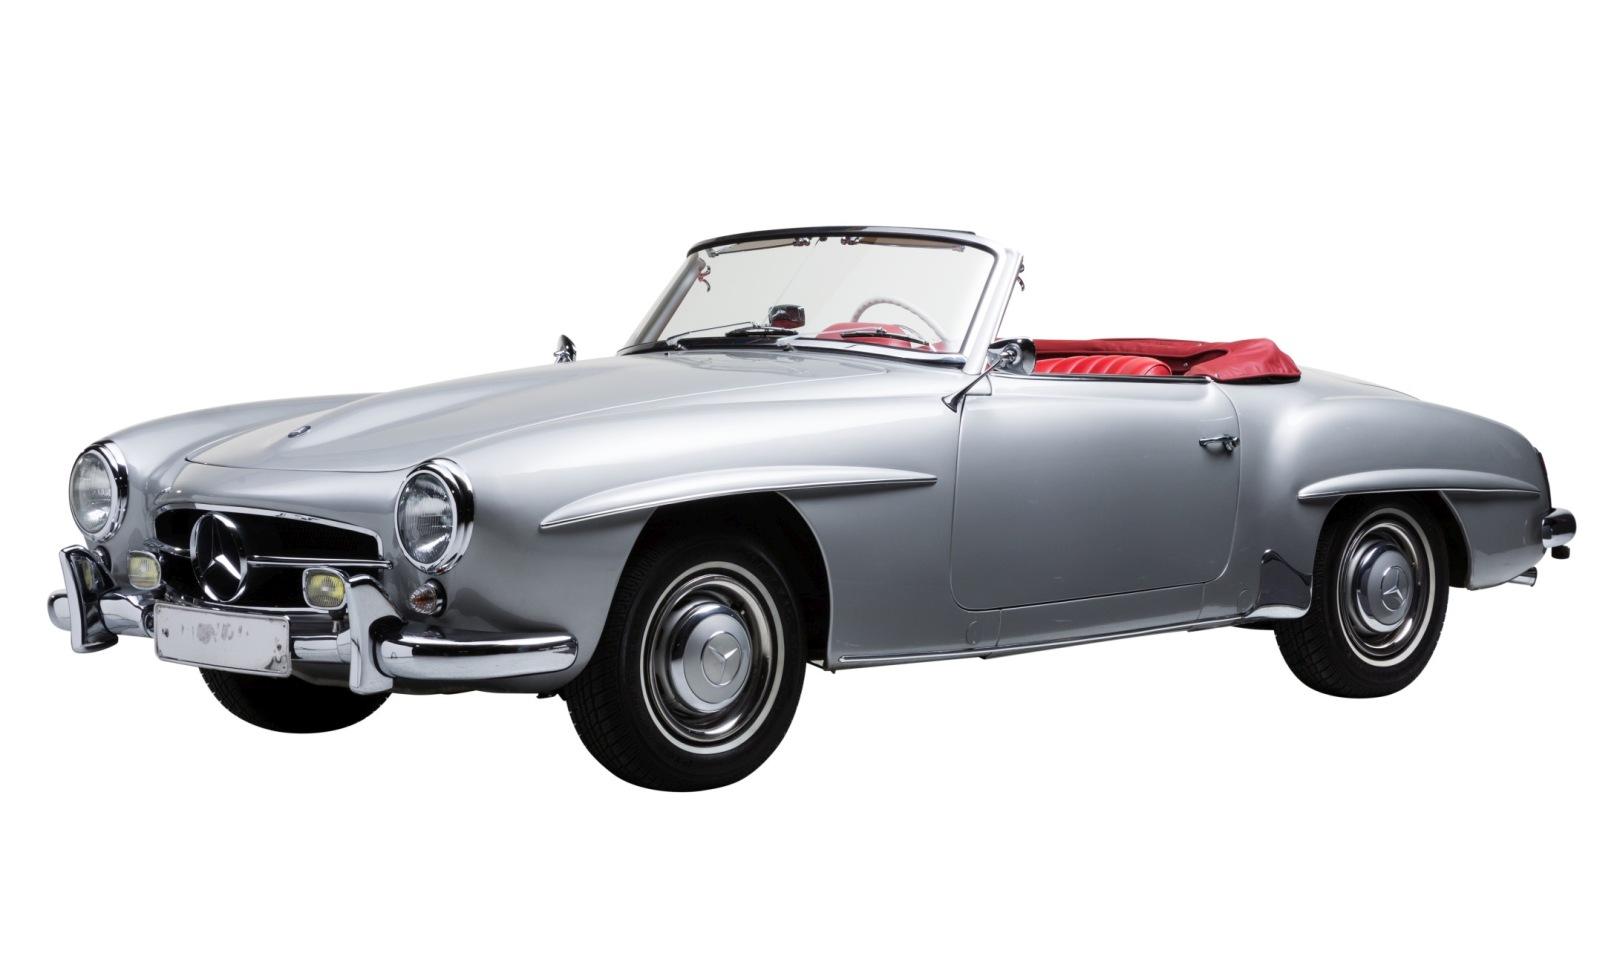 Mecedes SL190 1958